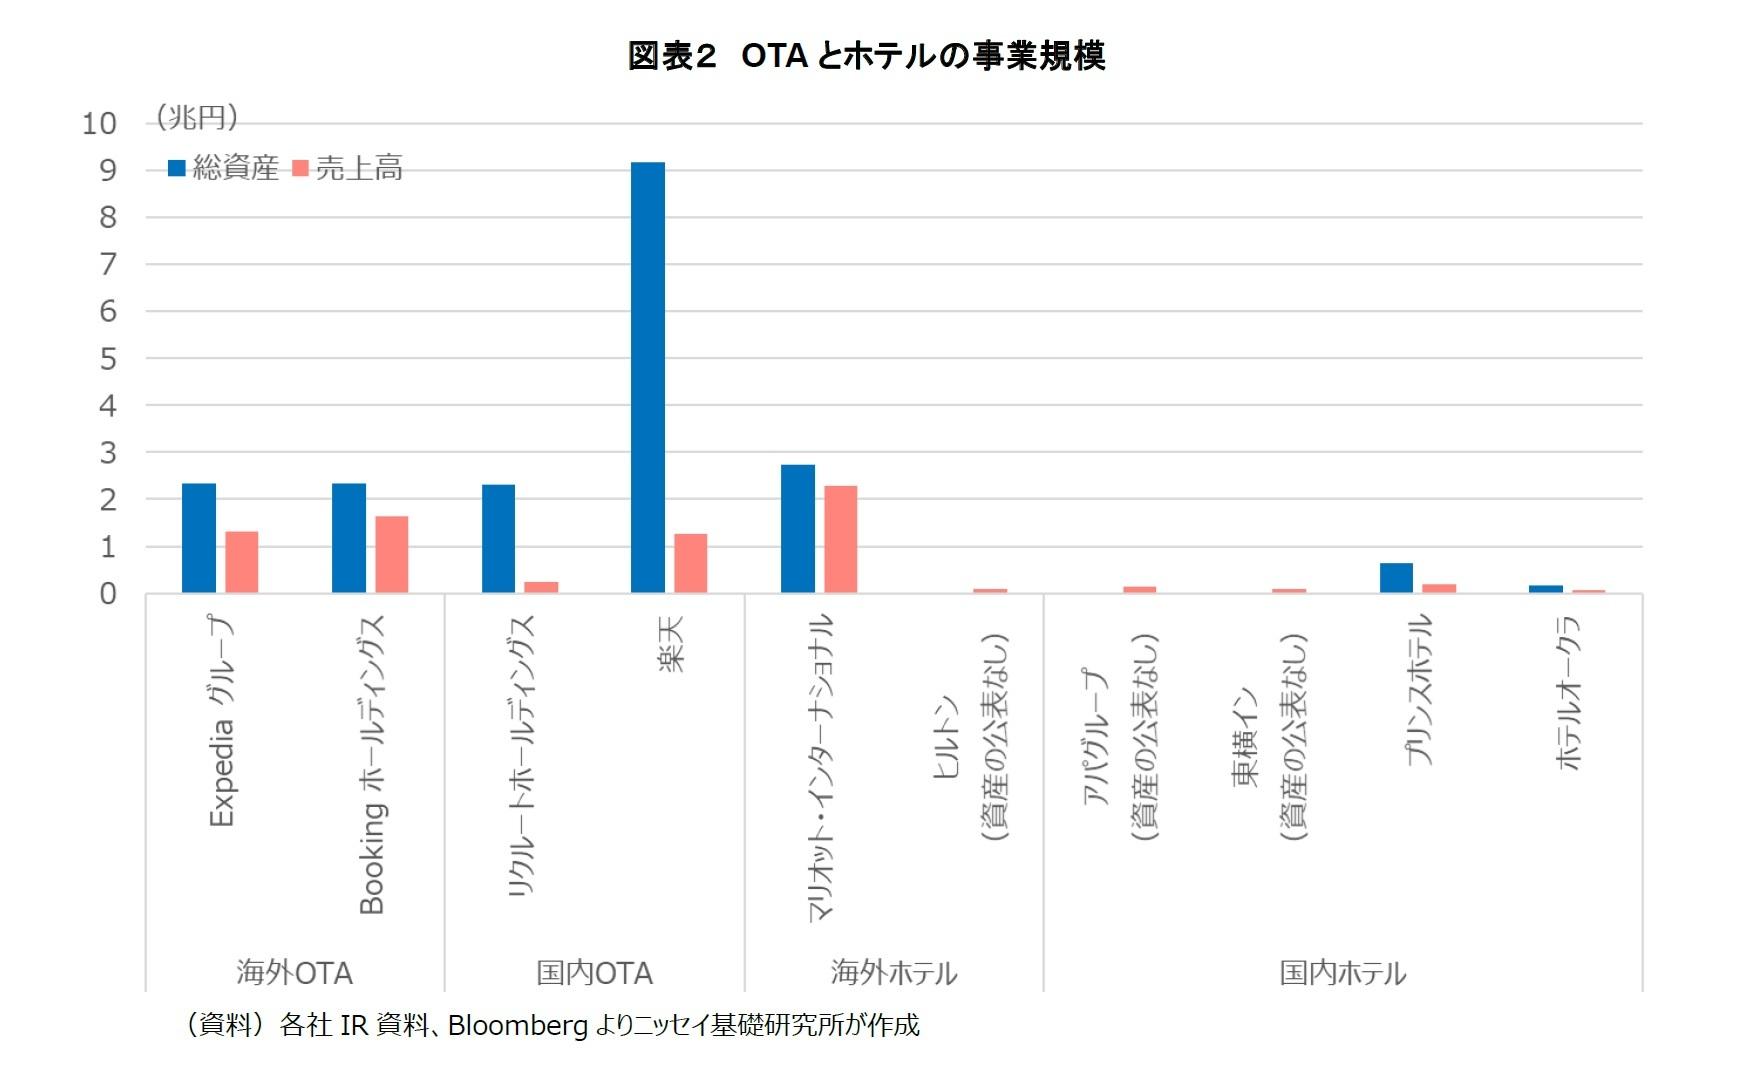 図表2 OTAとホテルの事業規模